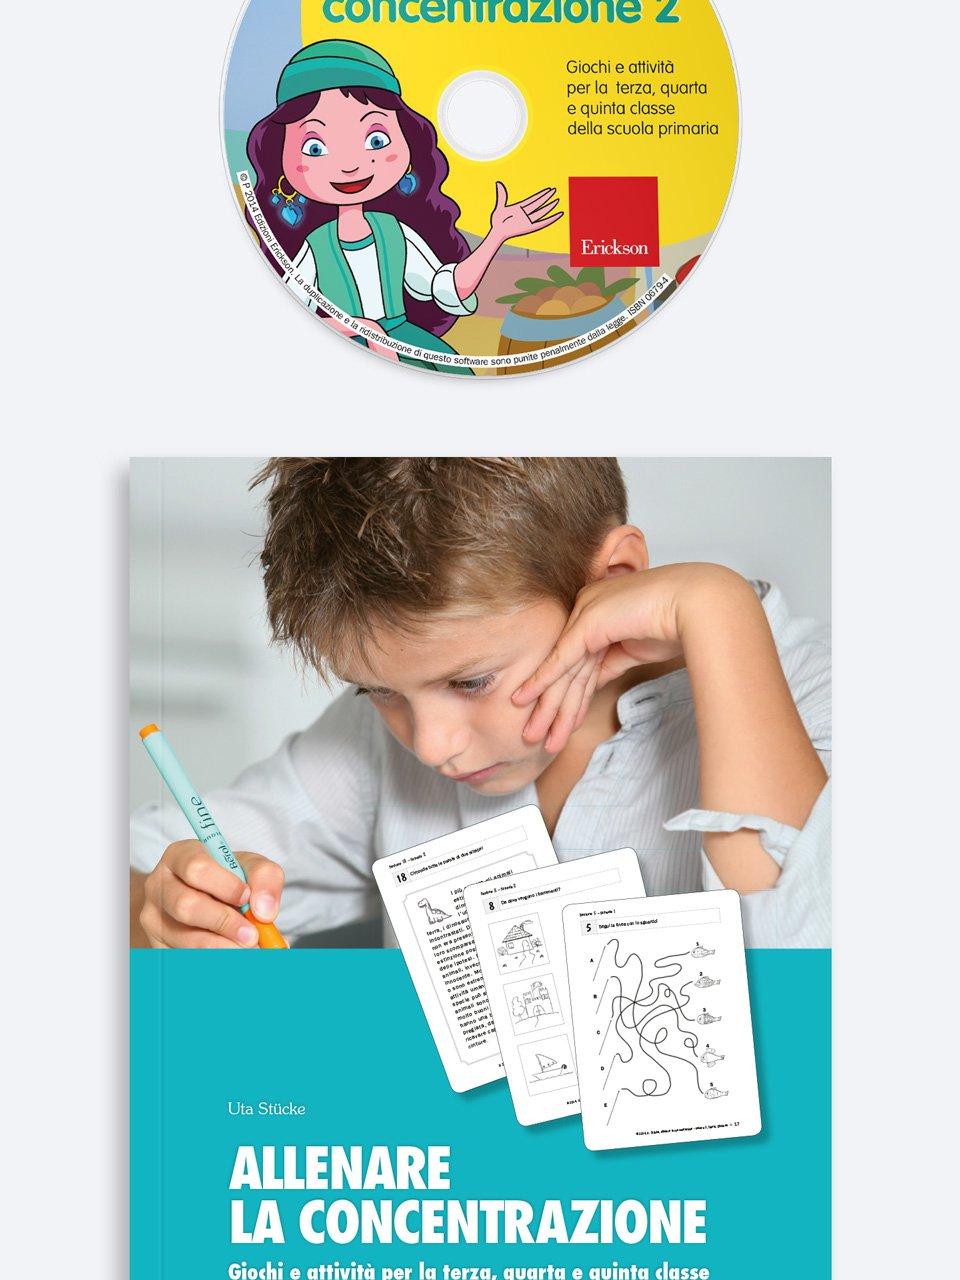 Allenare la concentrazione - Volume 2 - Un'offerta completa di libri e corsi di formazione sul Disturbo da Deficit di Attenzione e Iperattività nei bambini. Scopri sul sito 3